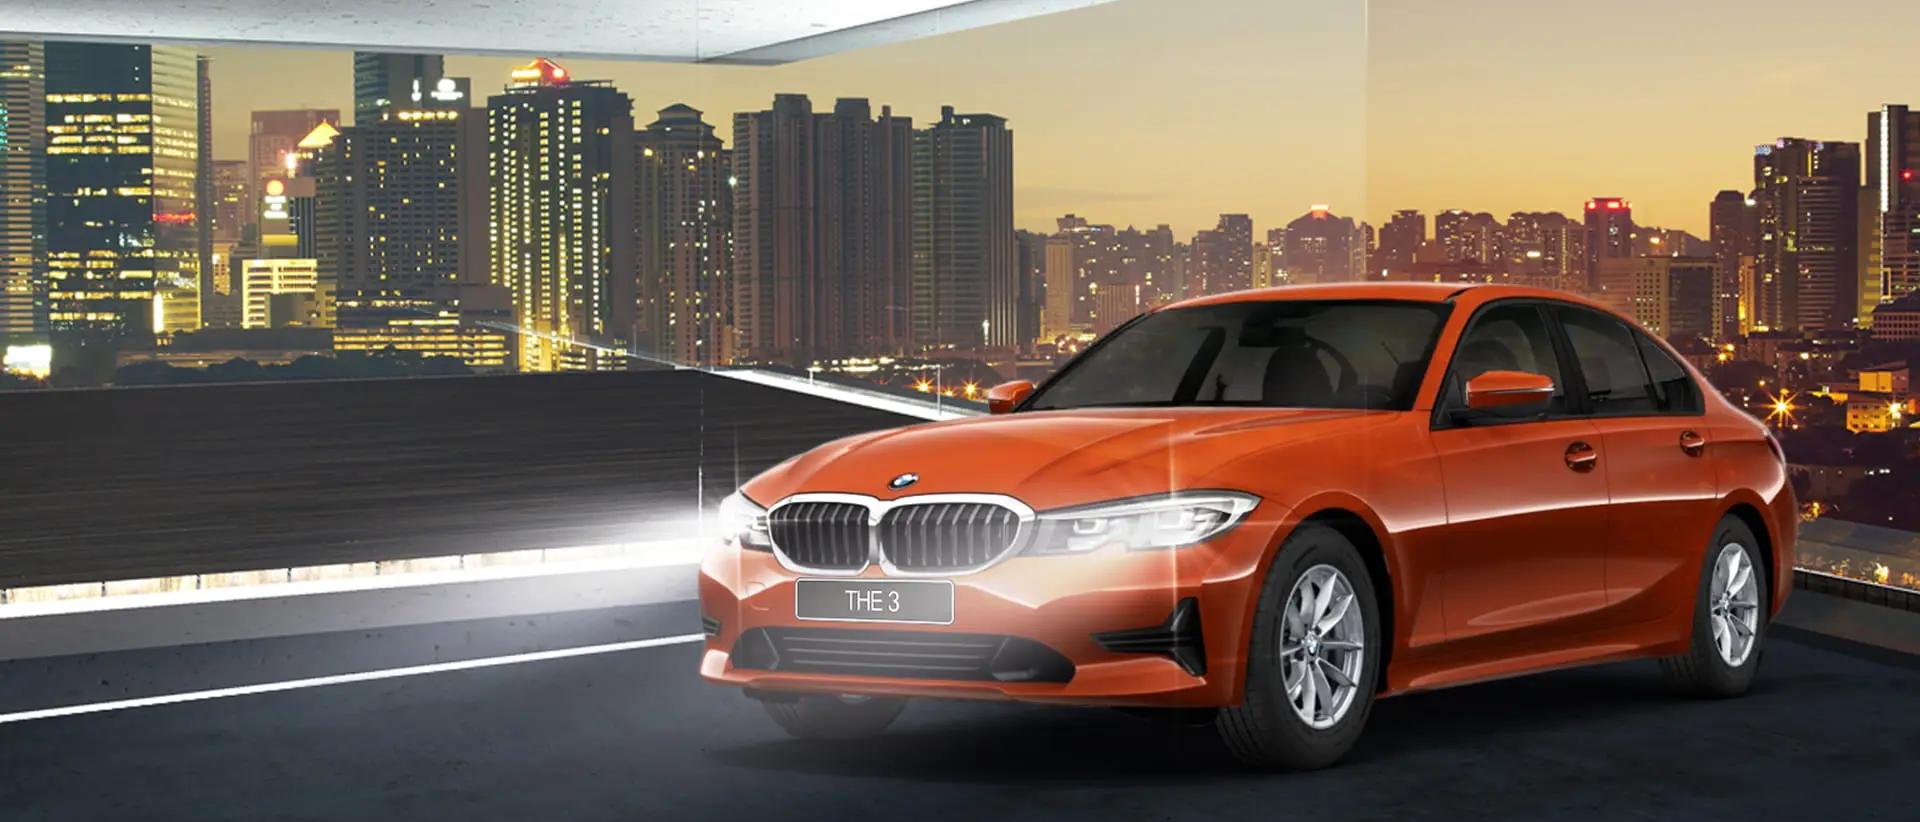 Купить новый БМВ 7 серии 2020-2021 в Москве в автосалоне официального дилера BMW Автодом Внуково